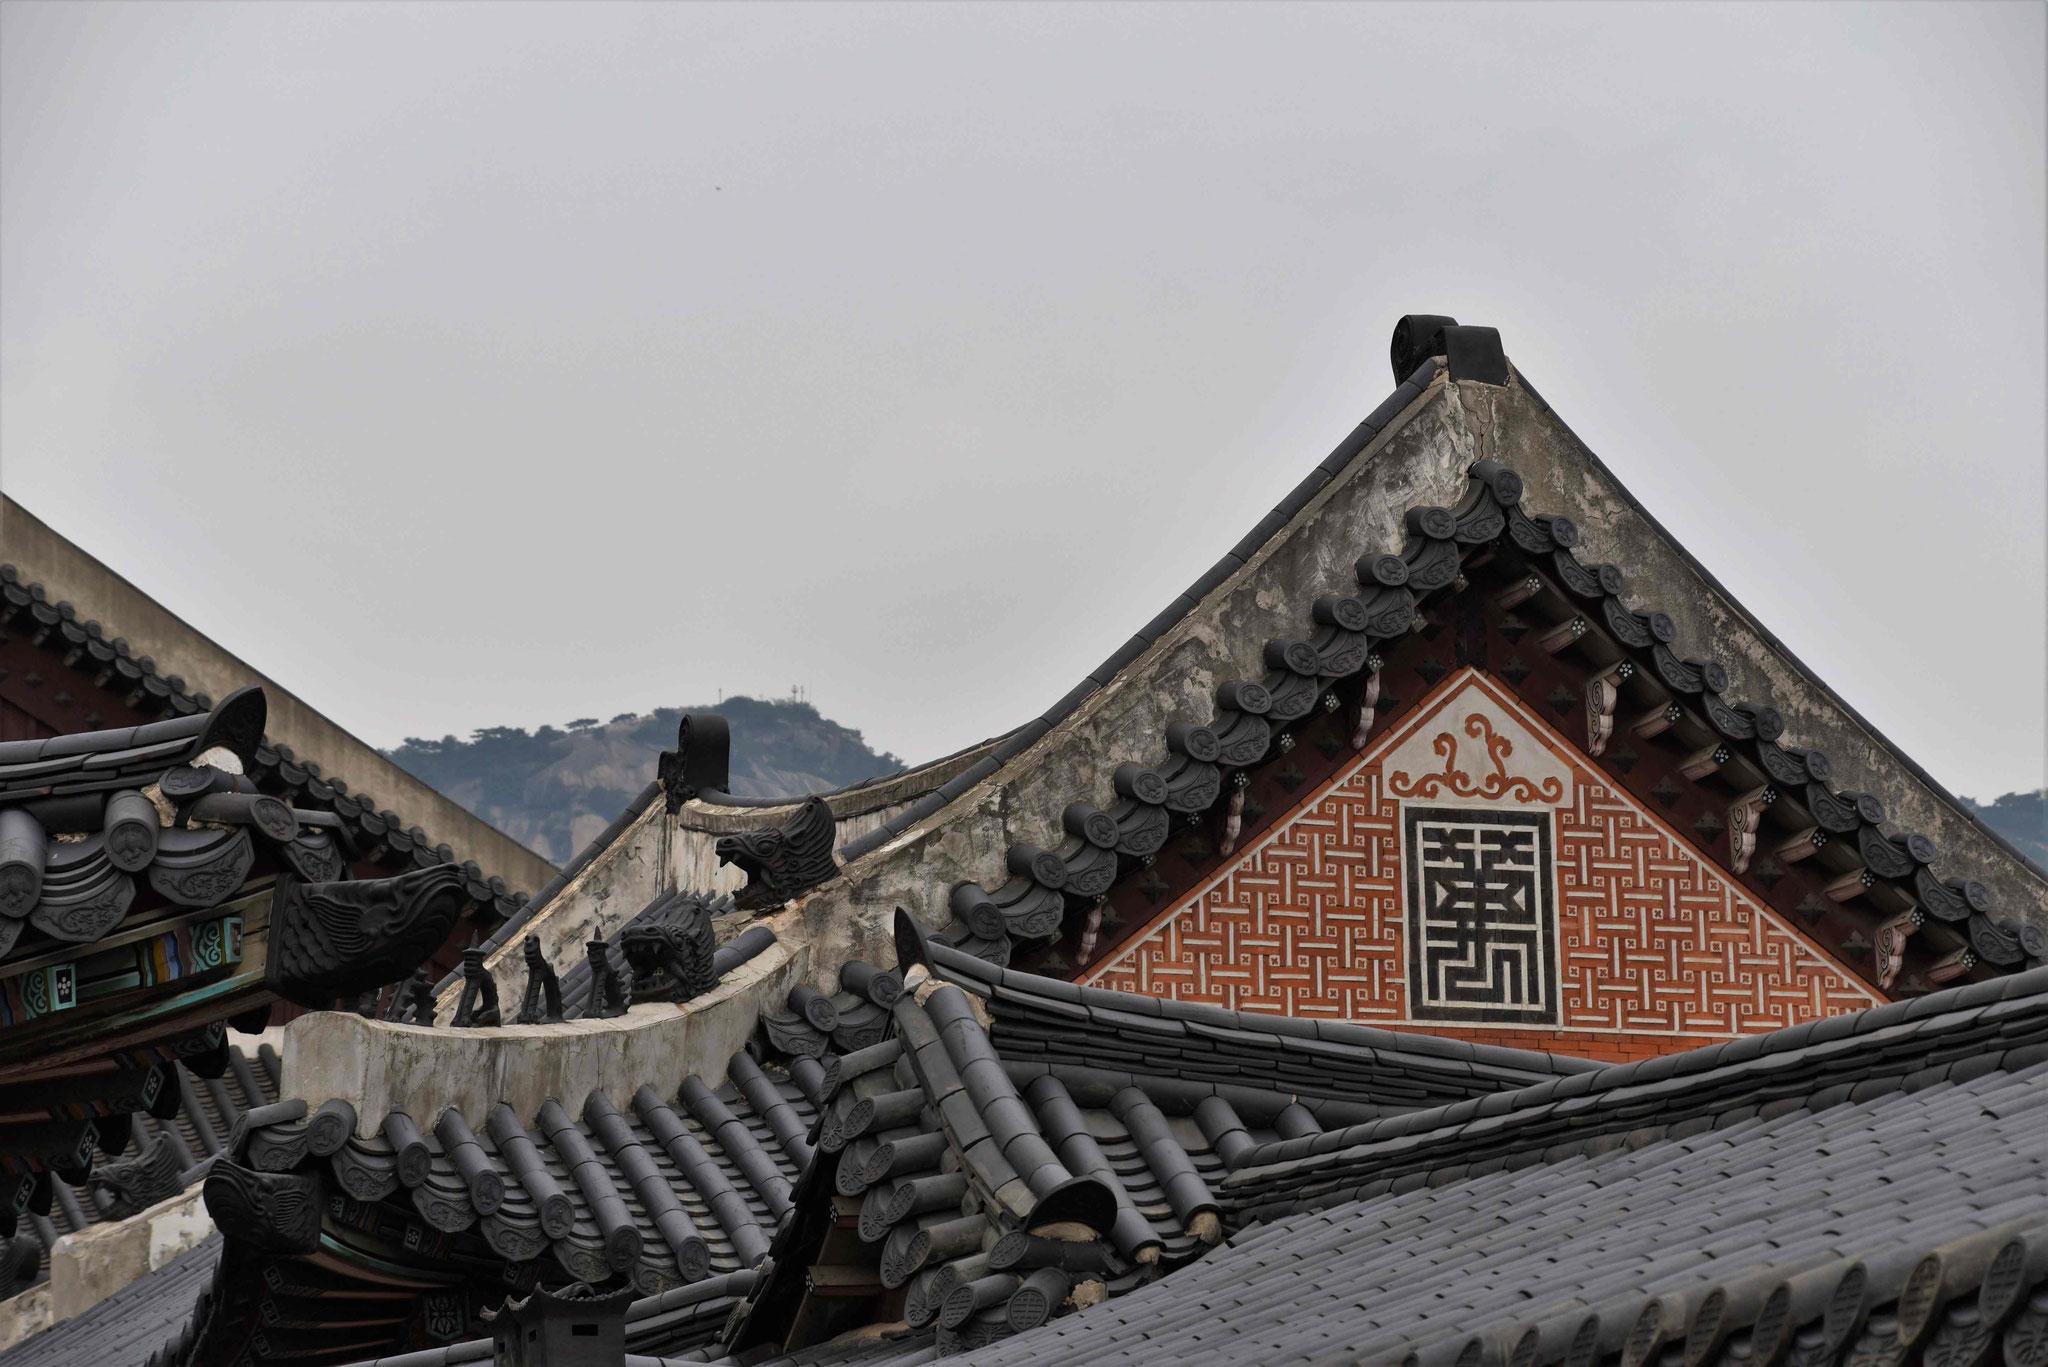 Die geschwungenen Dächer haben ihren besonderen Reiz